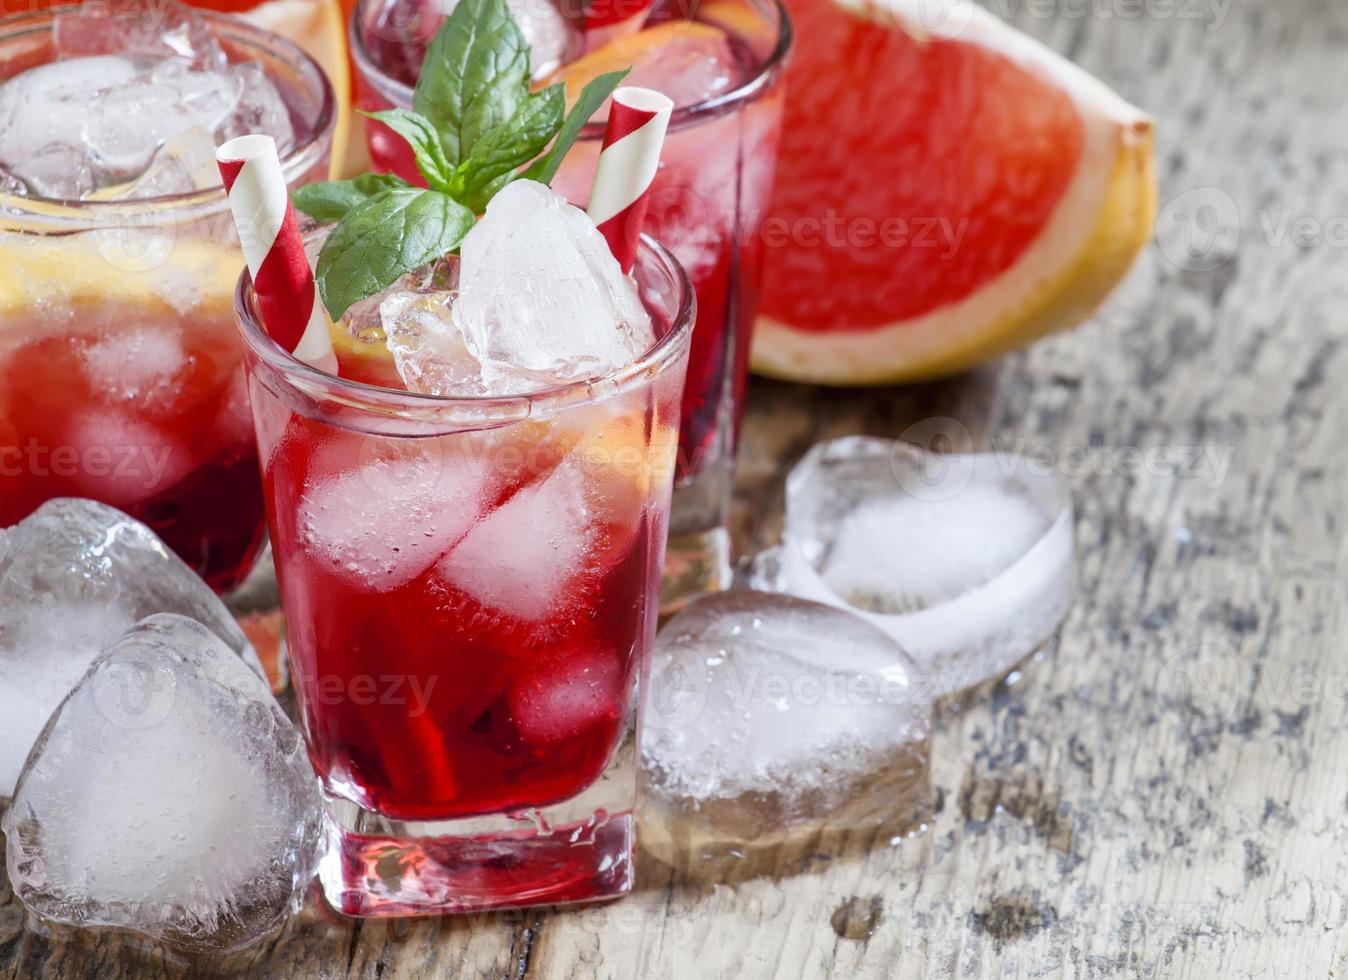 cocktail de toranja com gelo em um copo pequeno foto